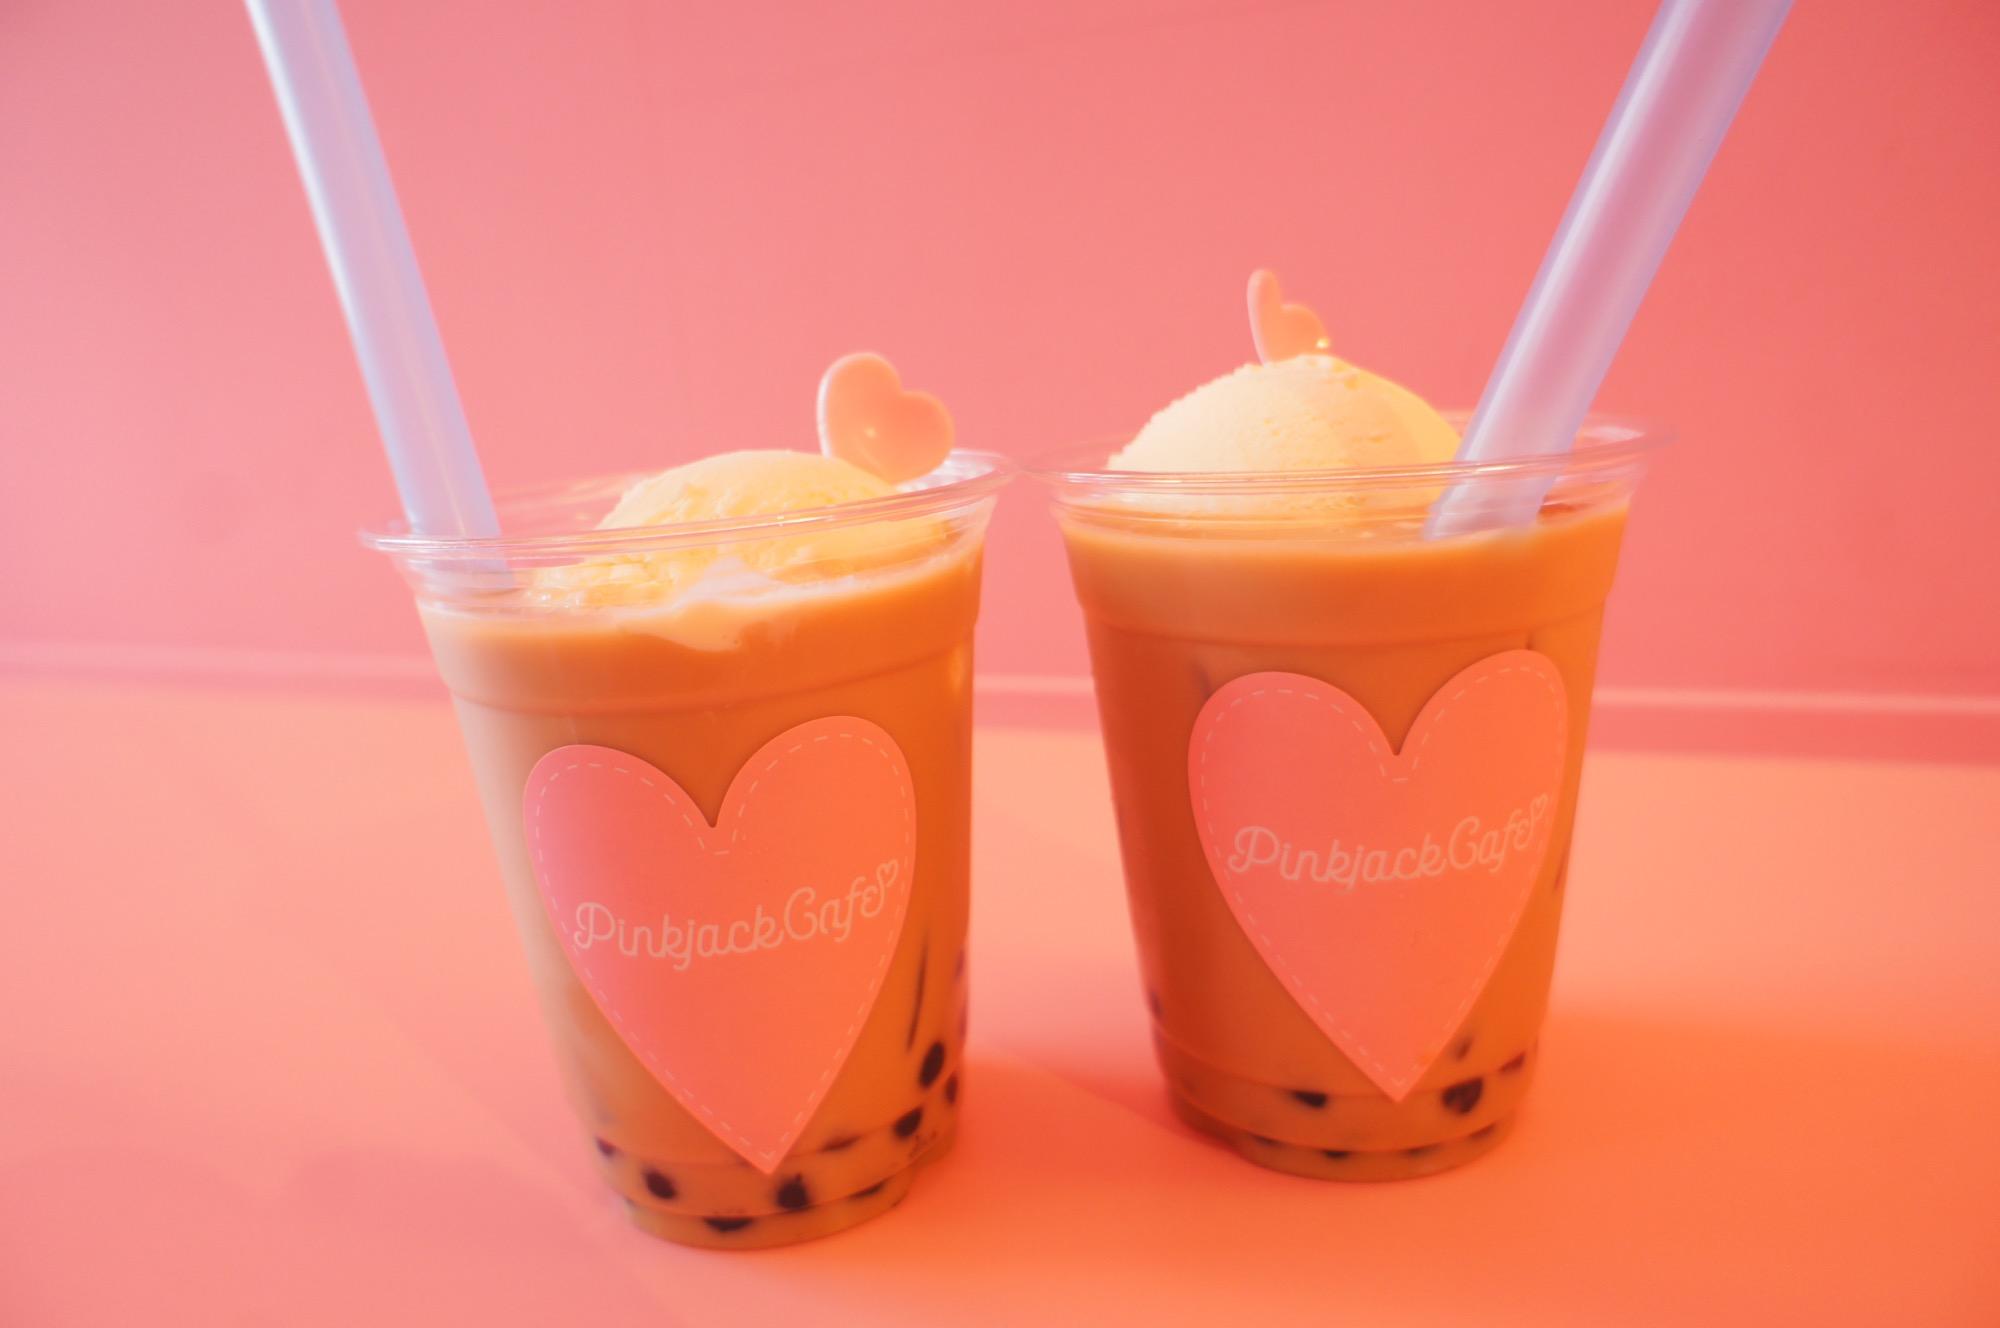 《ご当地MORE✩静岡》ピンクづくし❤️写真映え◎【PinkjackCafe】が可愛すぎる☻!_5